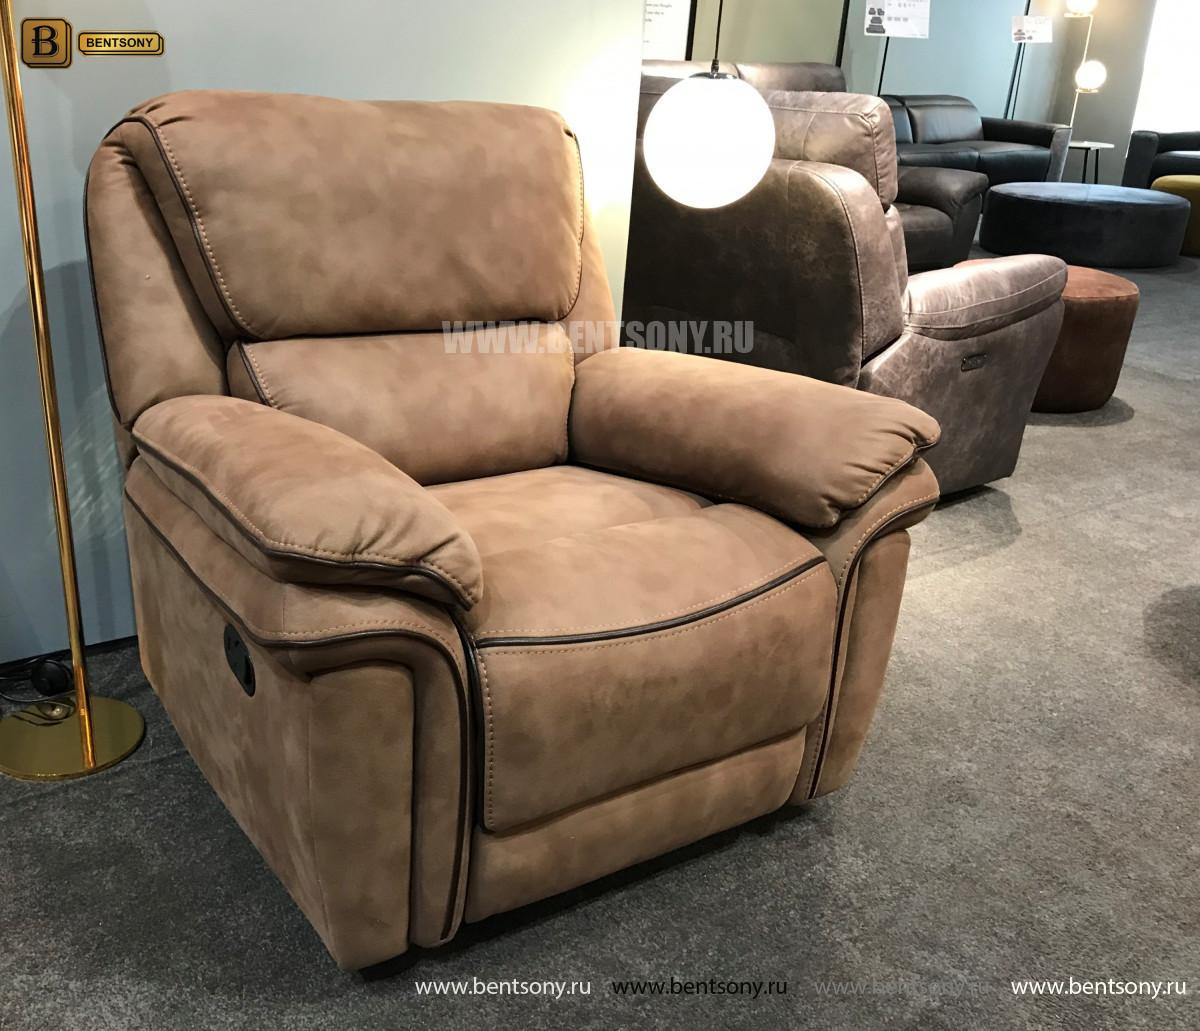 Кресло Ларецо с Реклайнером купить